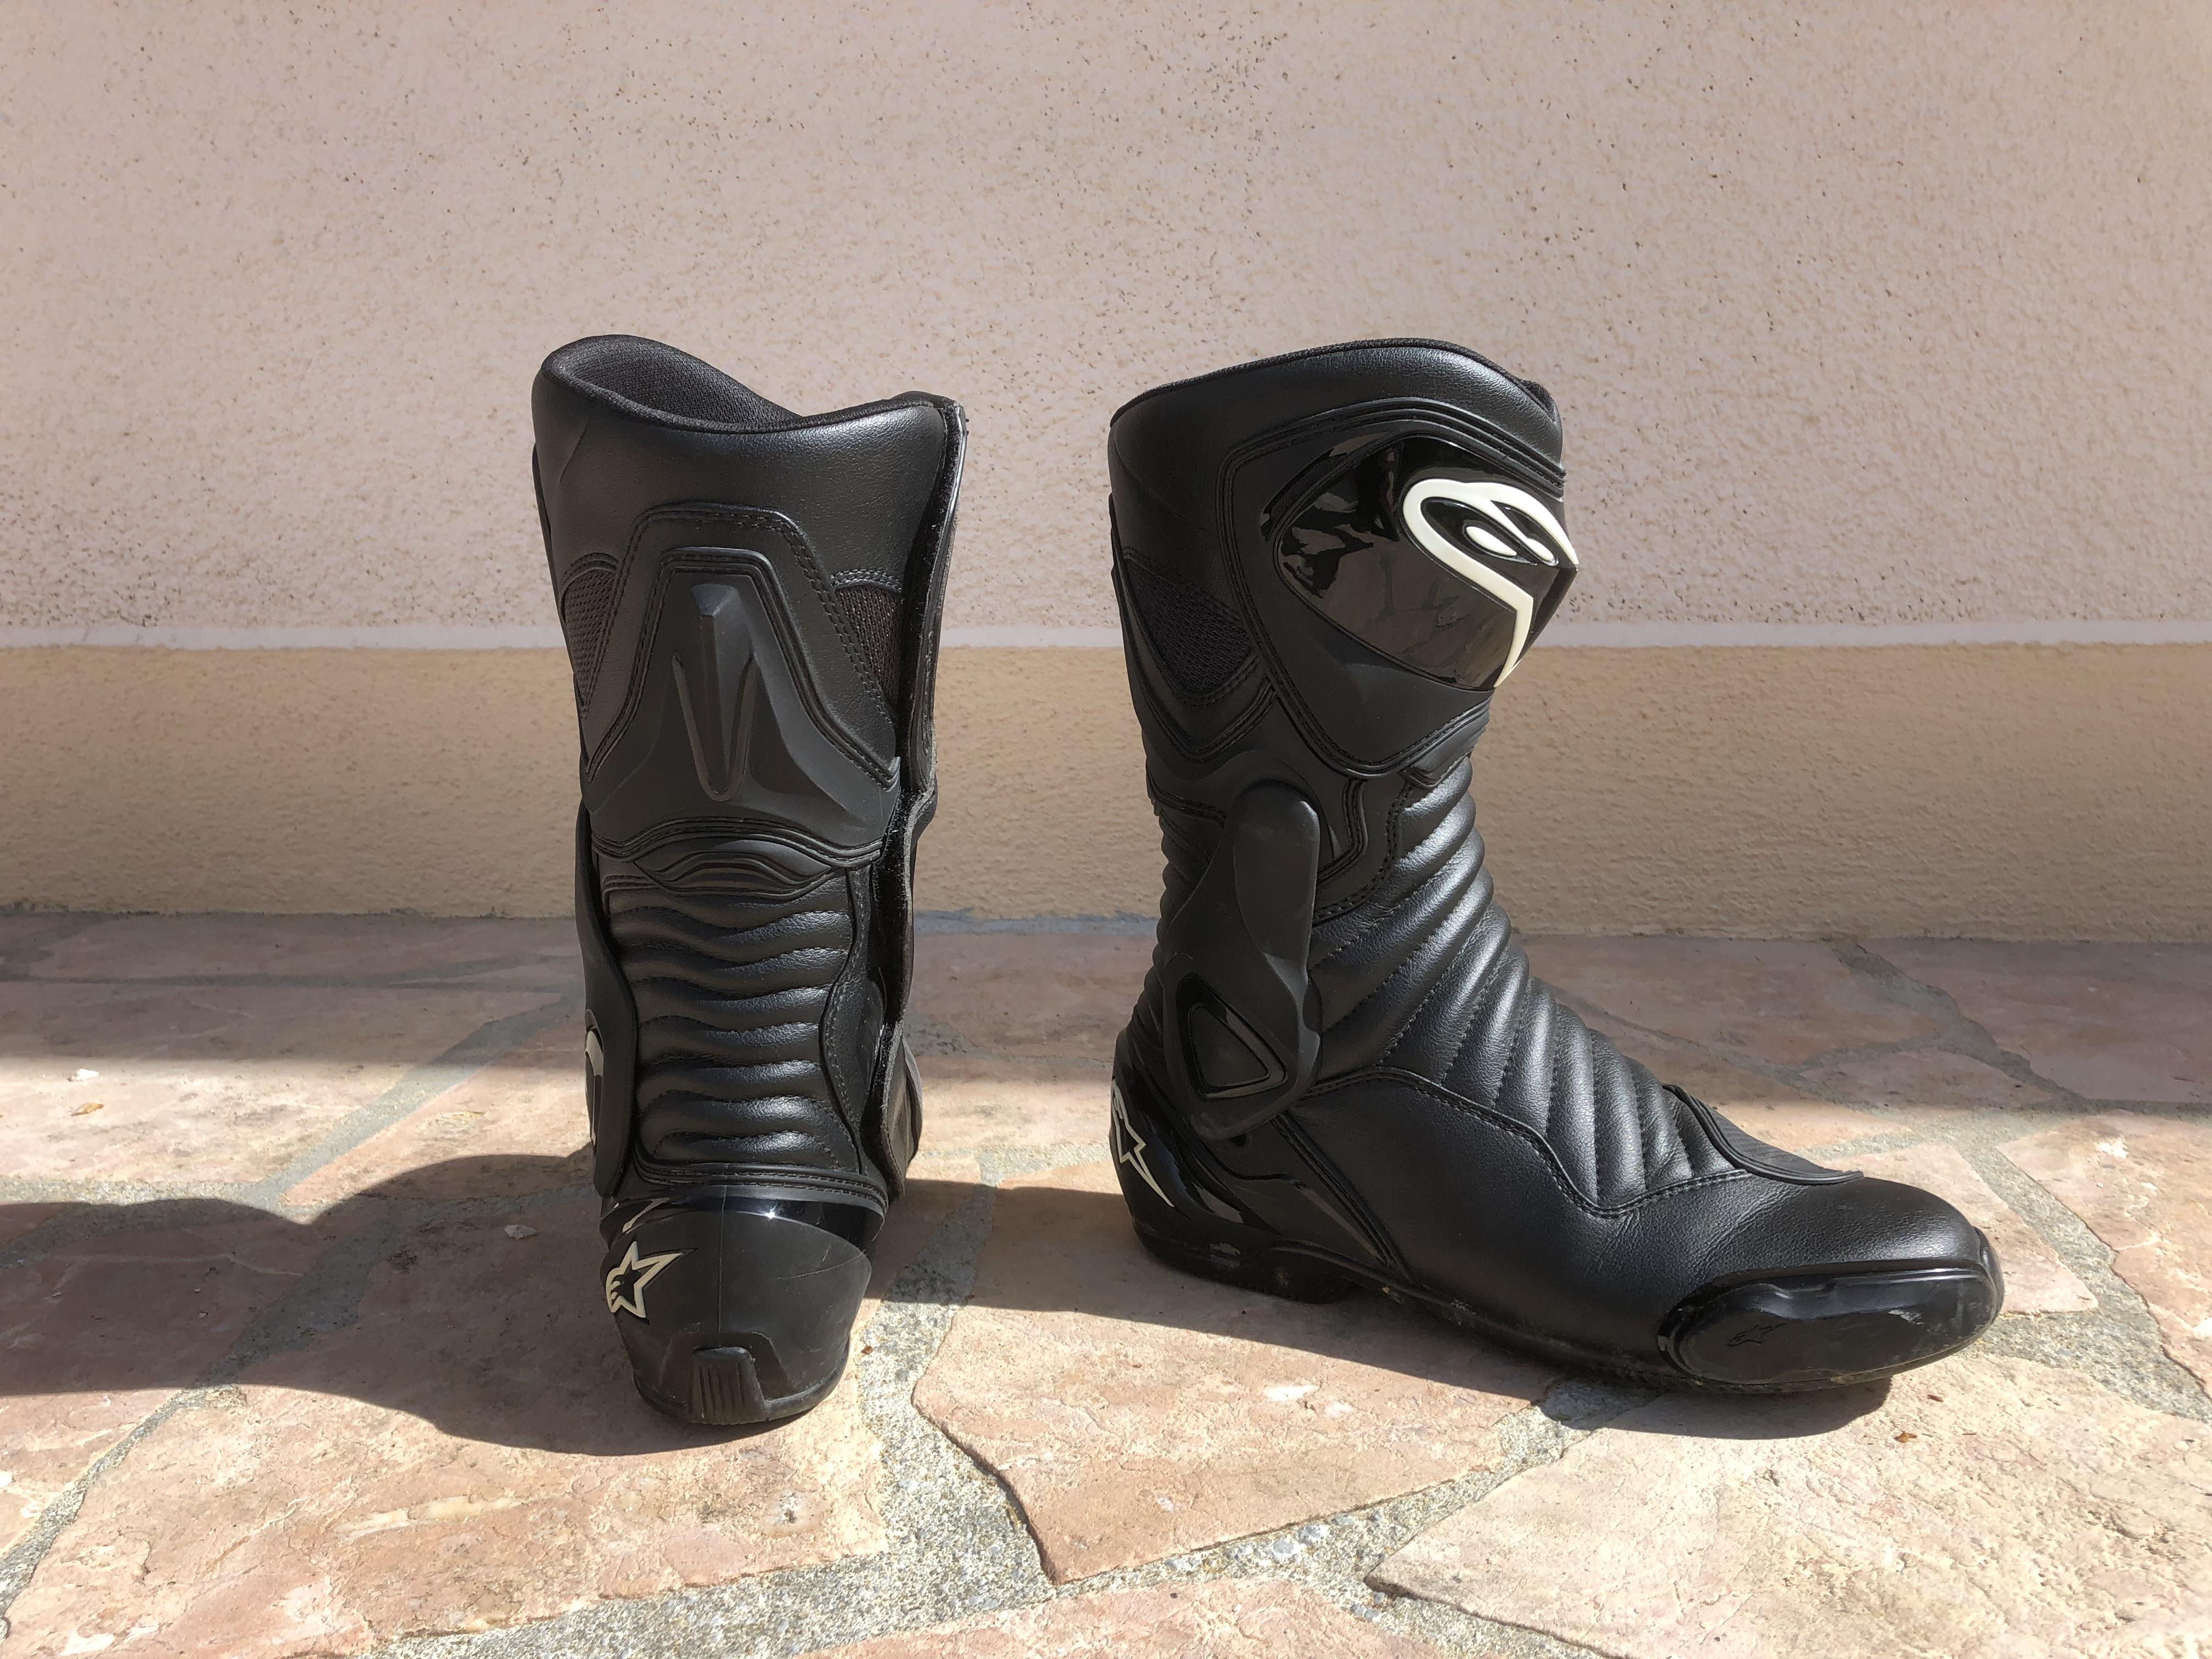 Protections des bottes Alpinestars SMX 6 V2